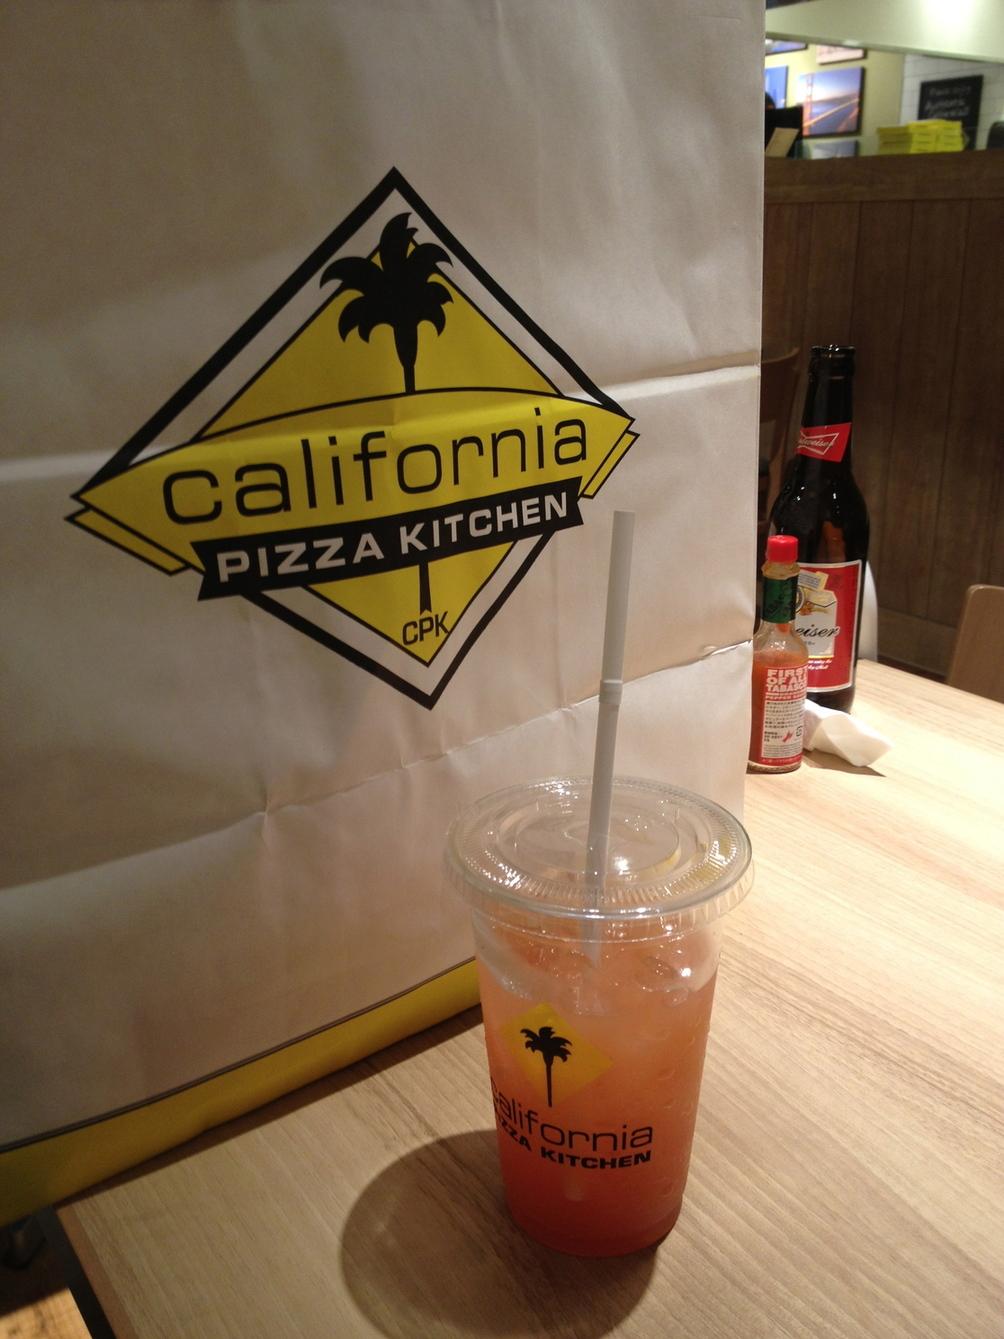 カリフォルニア・ピザ・キッチン 佐野プレミアム・アウトレット店